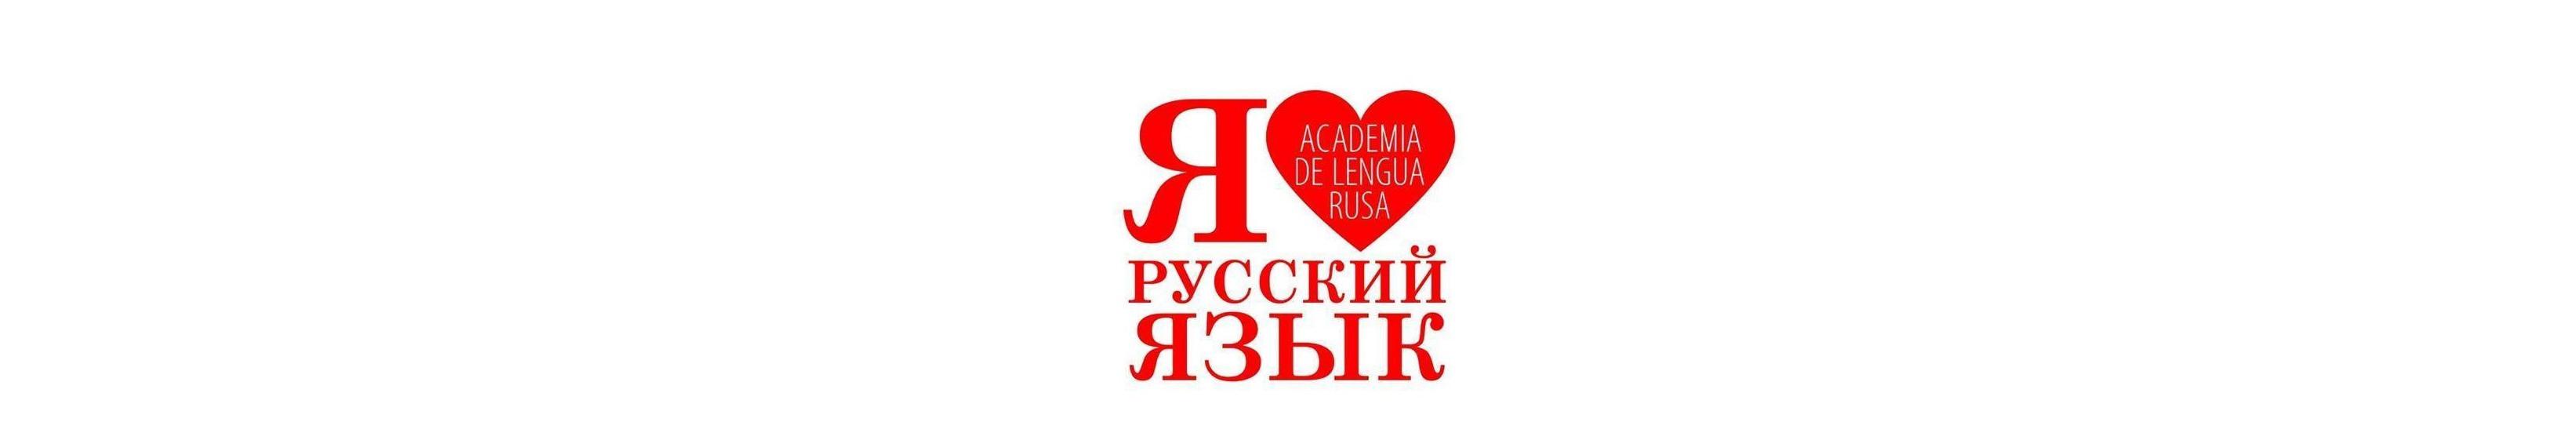 Ruslandia, academia de lengua rusa en Barcelona